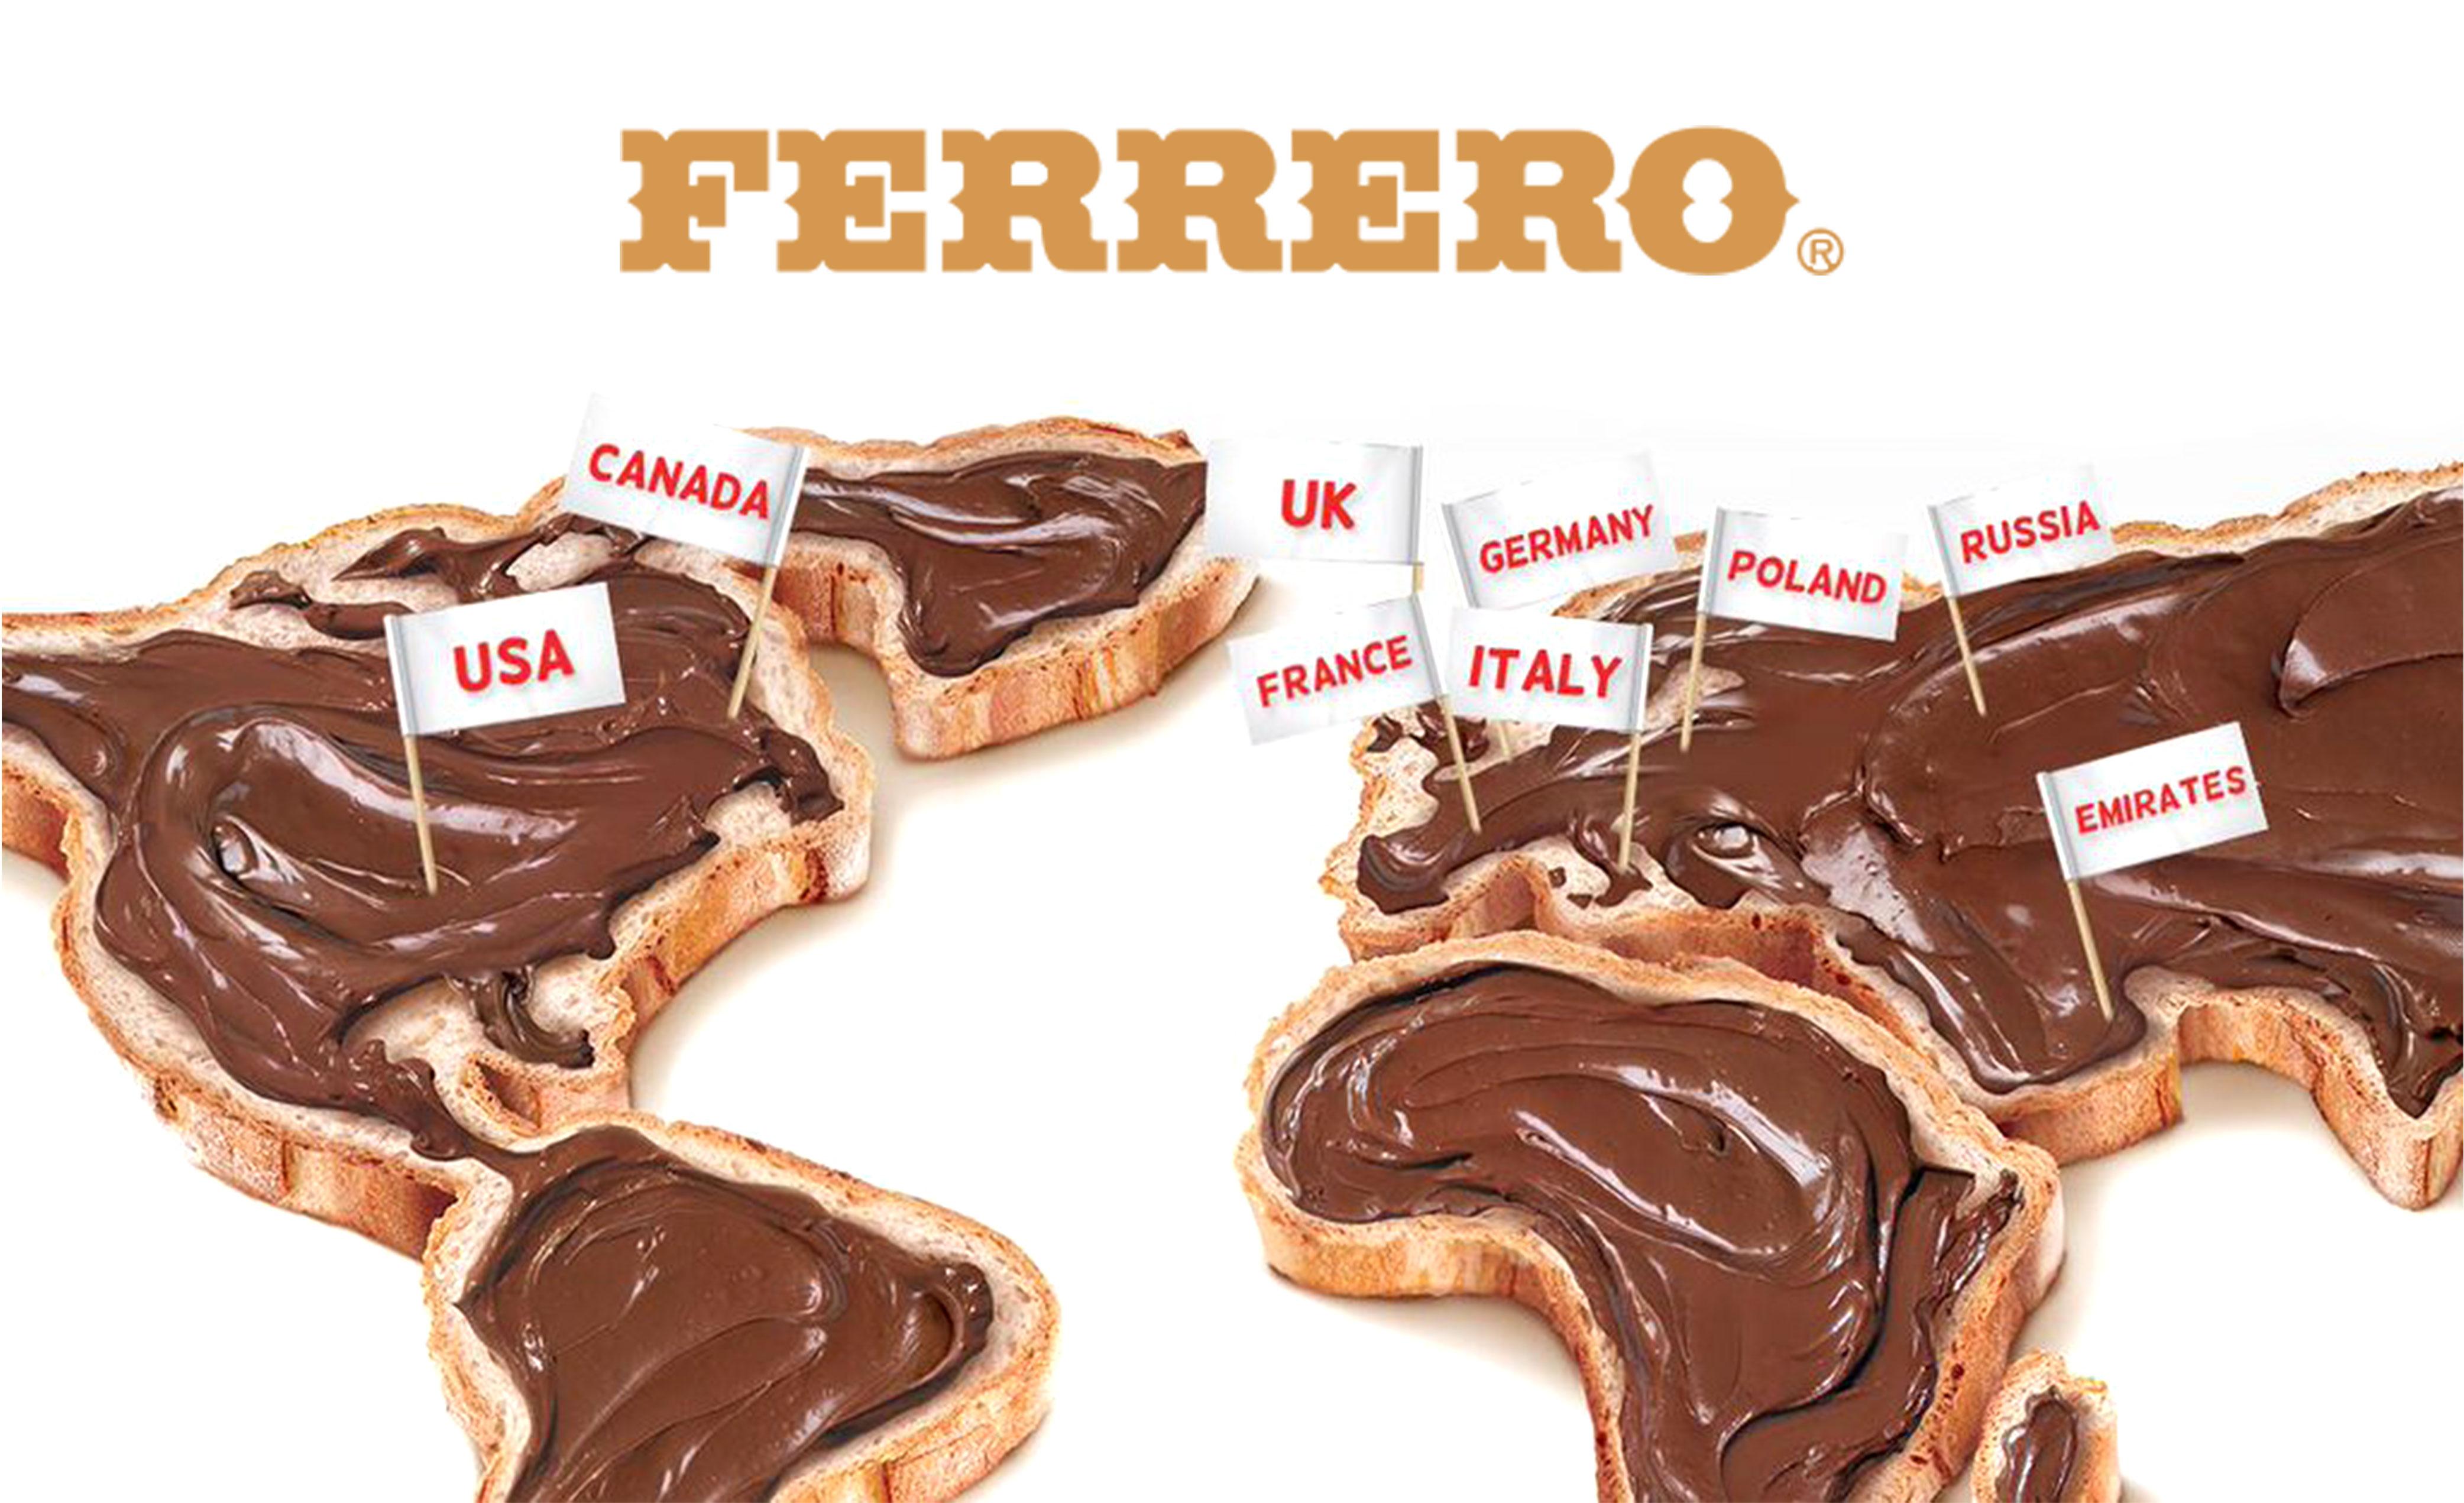 Da piccola pasticceria a multinazionale dell'industria dolciaria: il caso di Ferrero